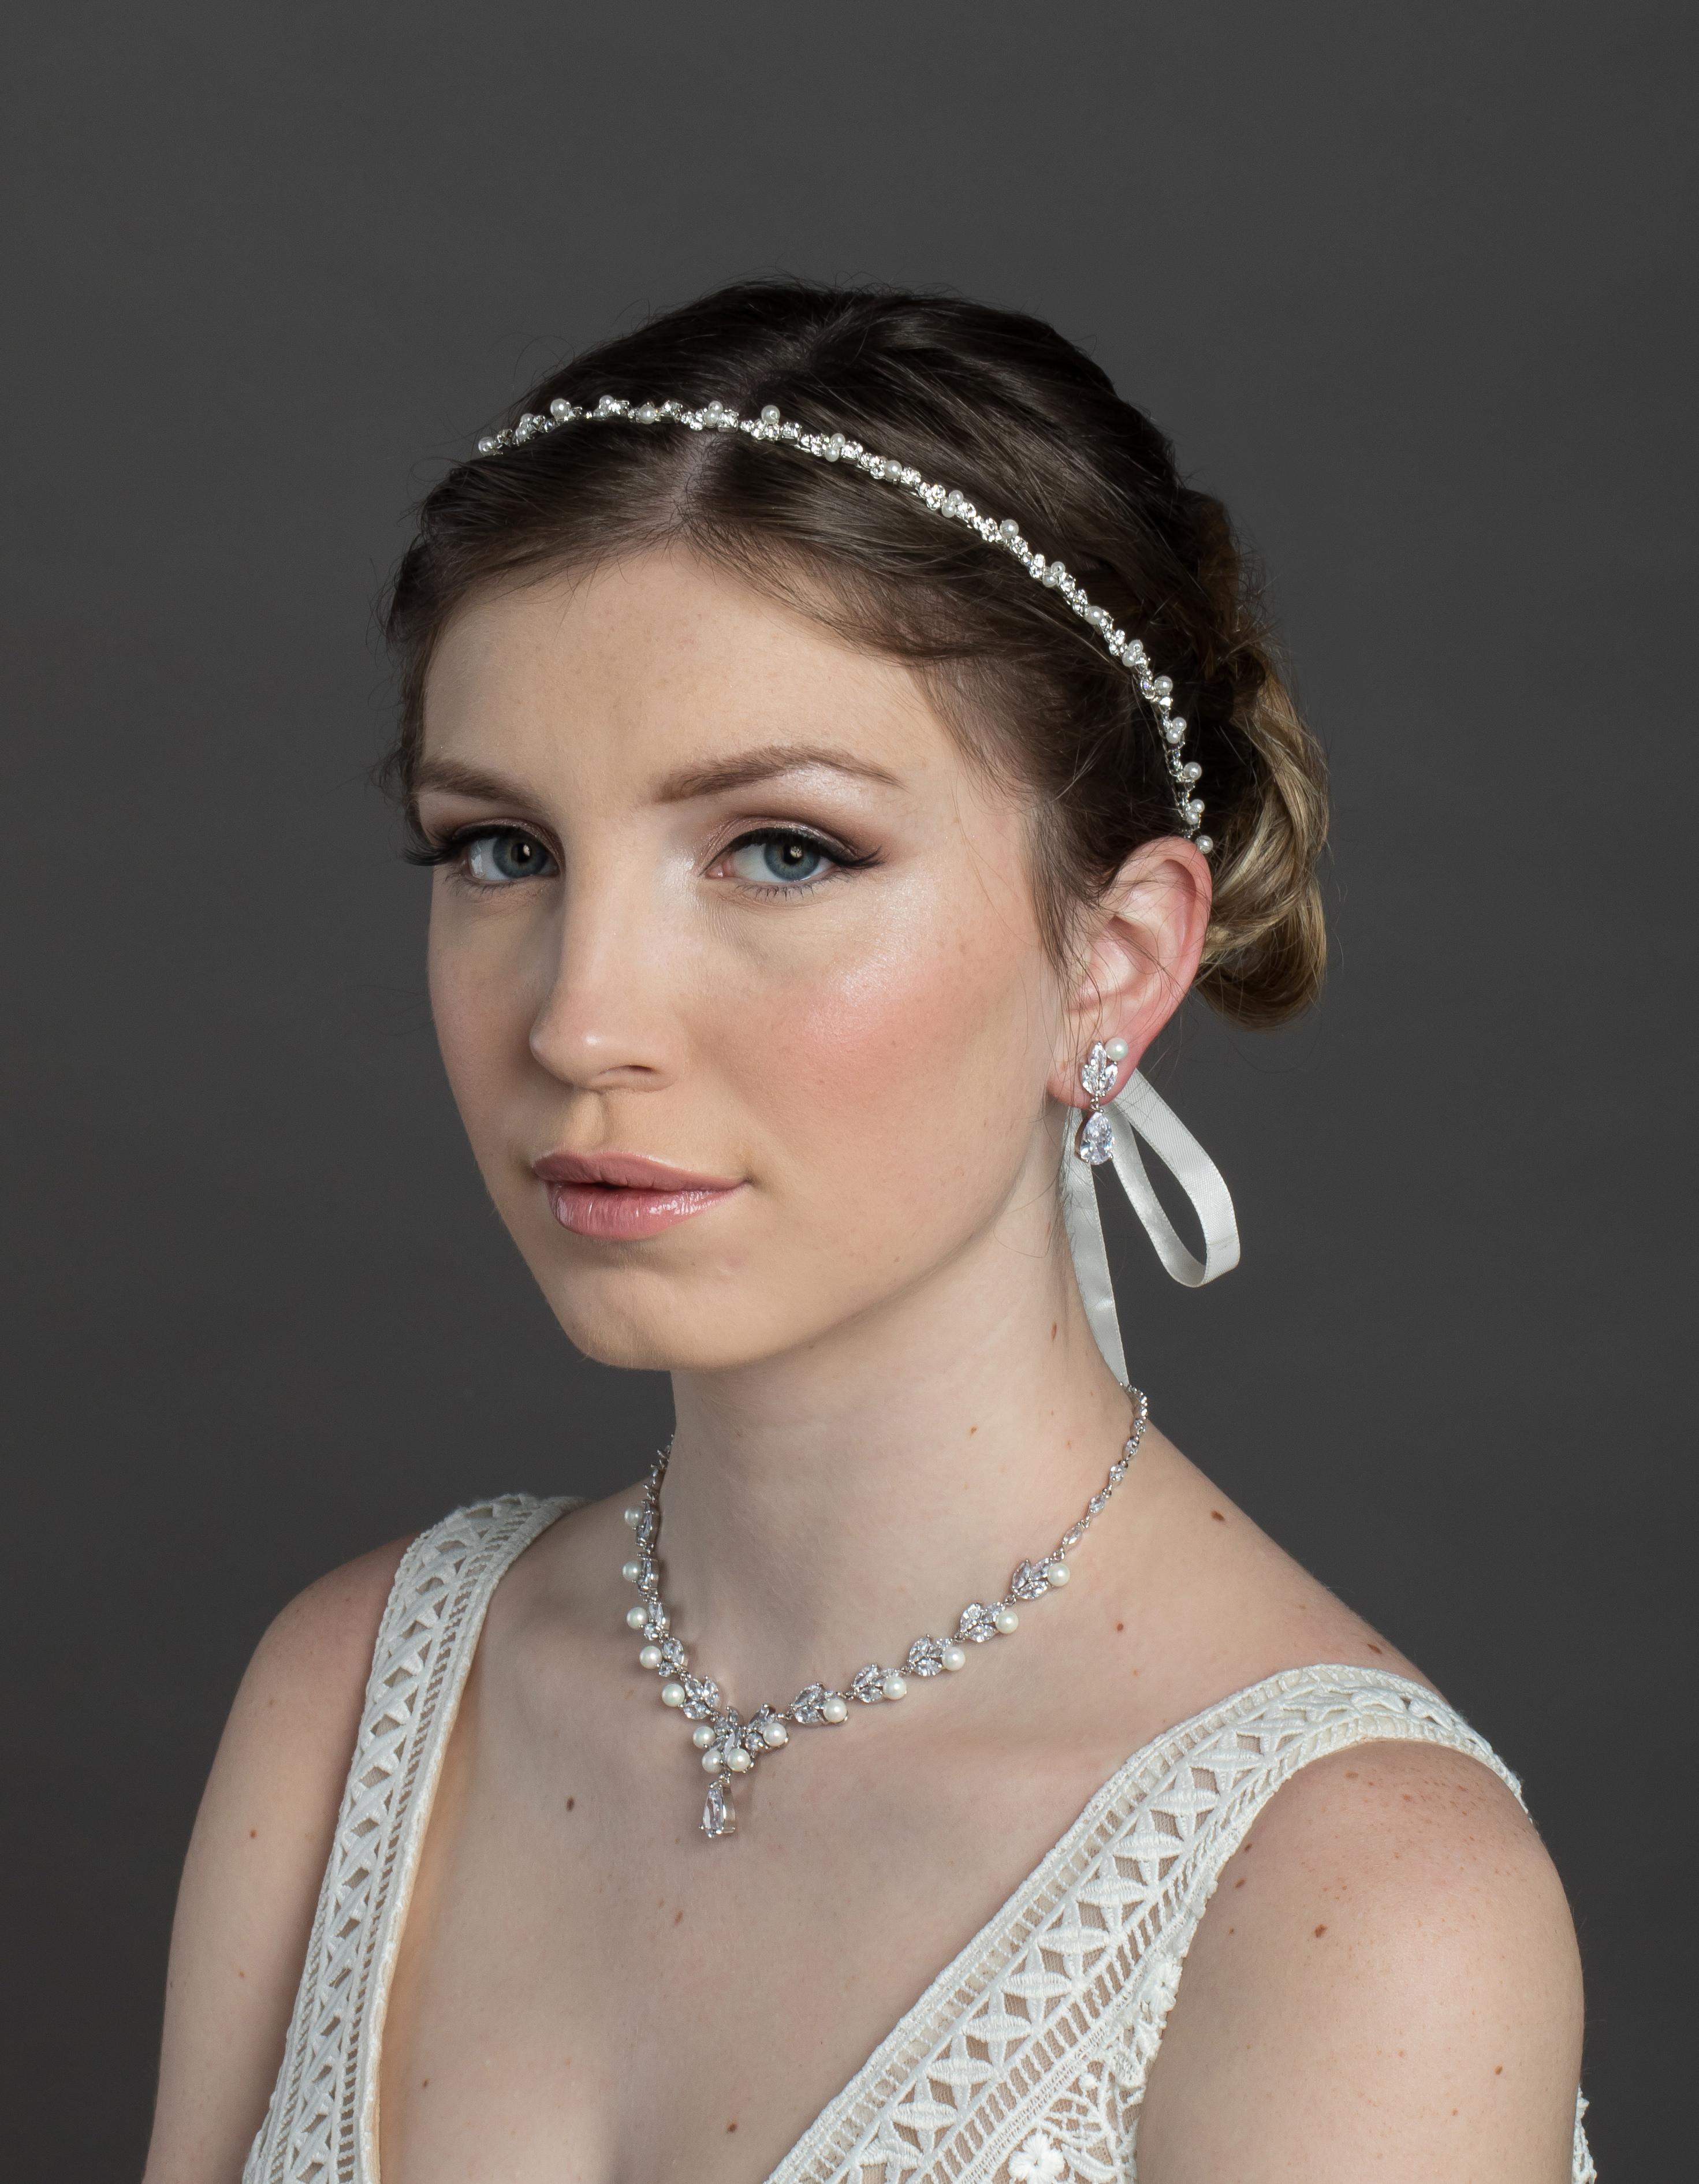 Bridal Classics Headbands, Wreaths & Vines HB-7107